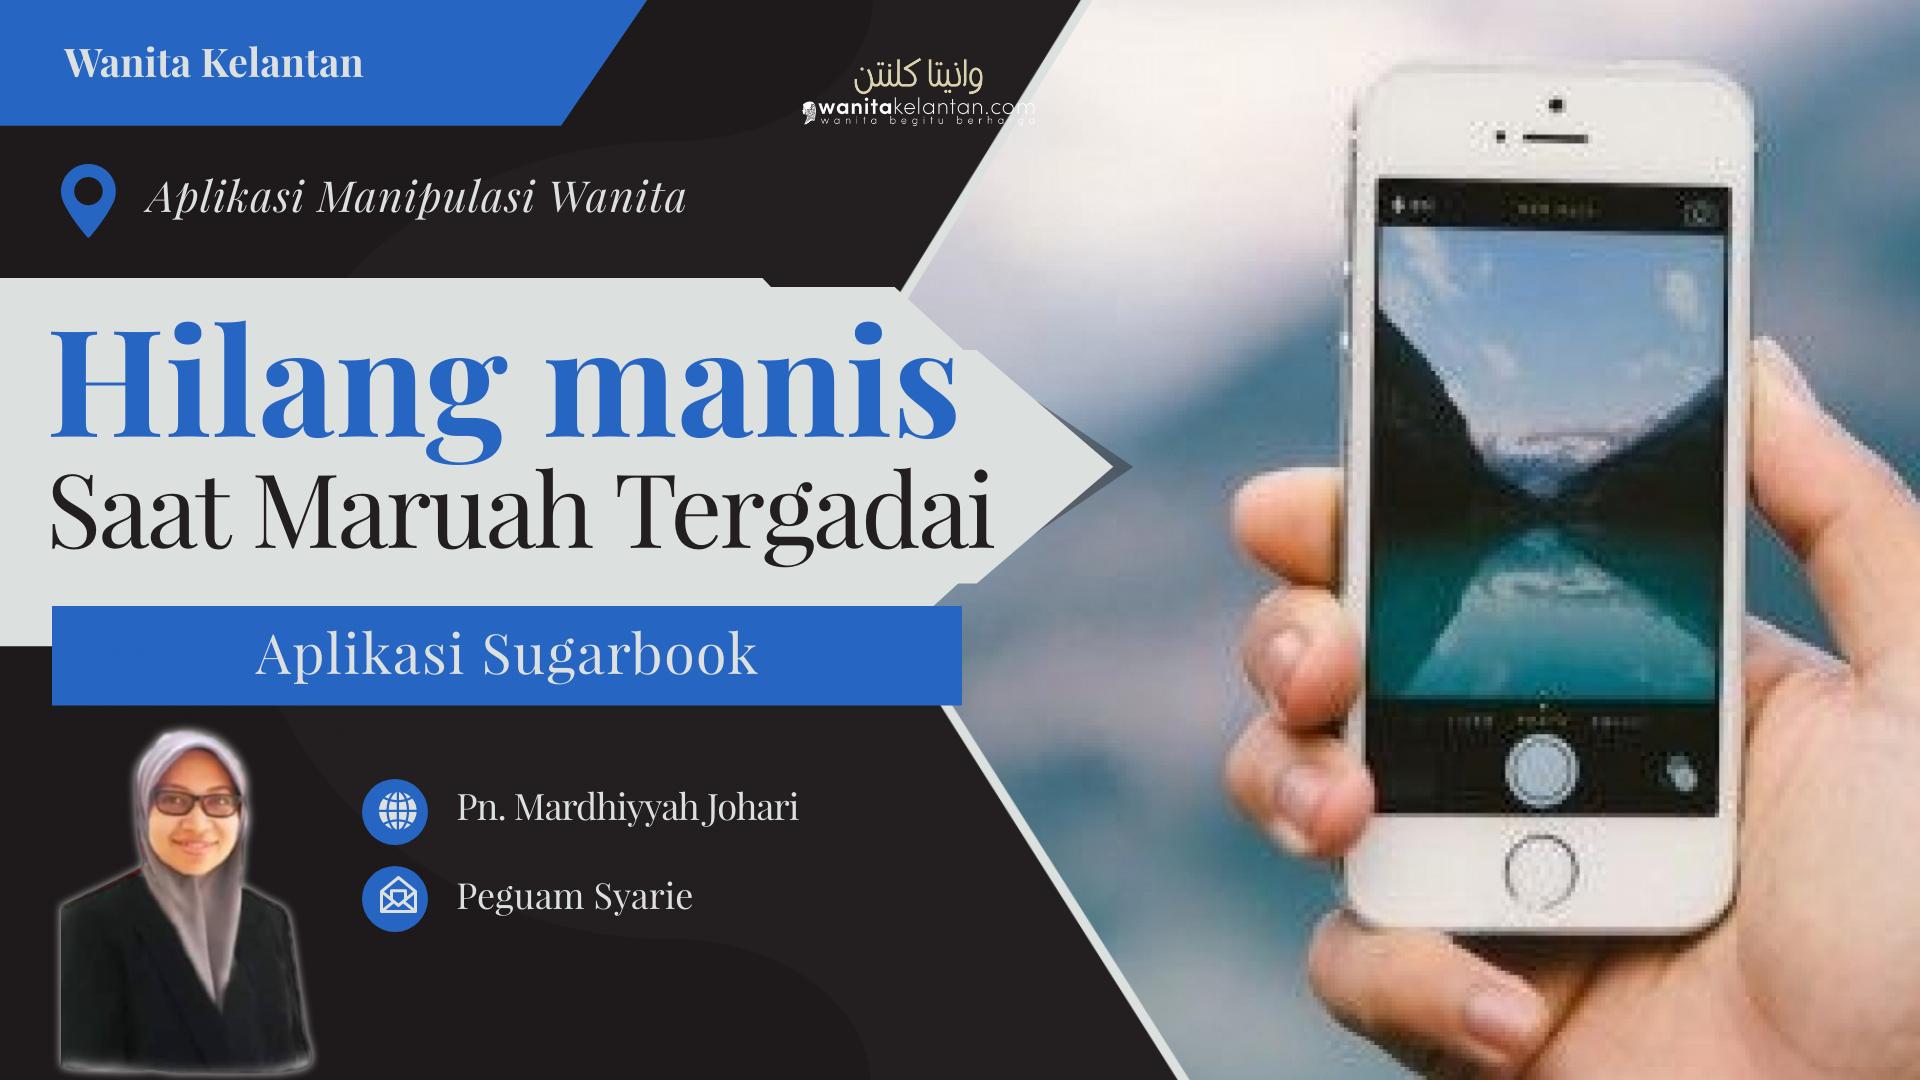 Lindungi Wanitamu Dari Aplikasi Sugarbook